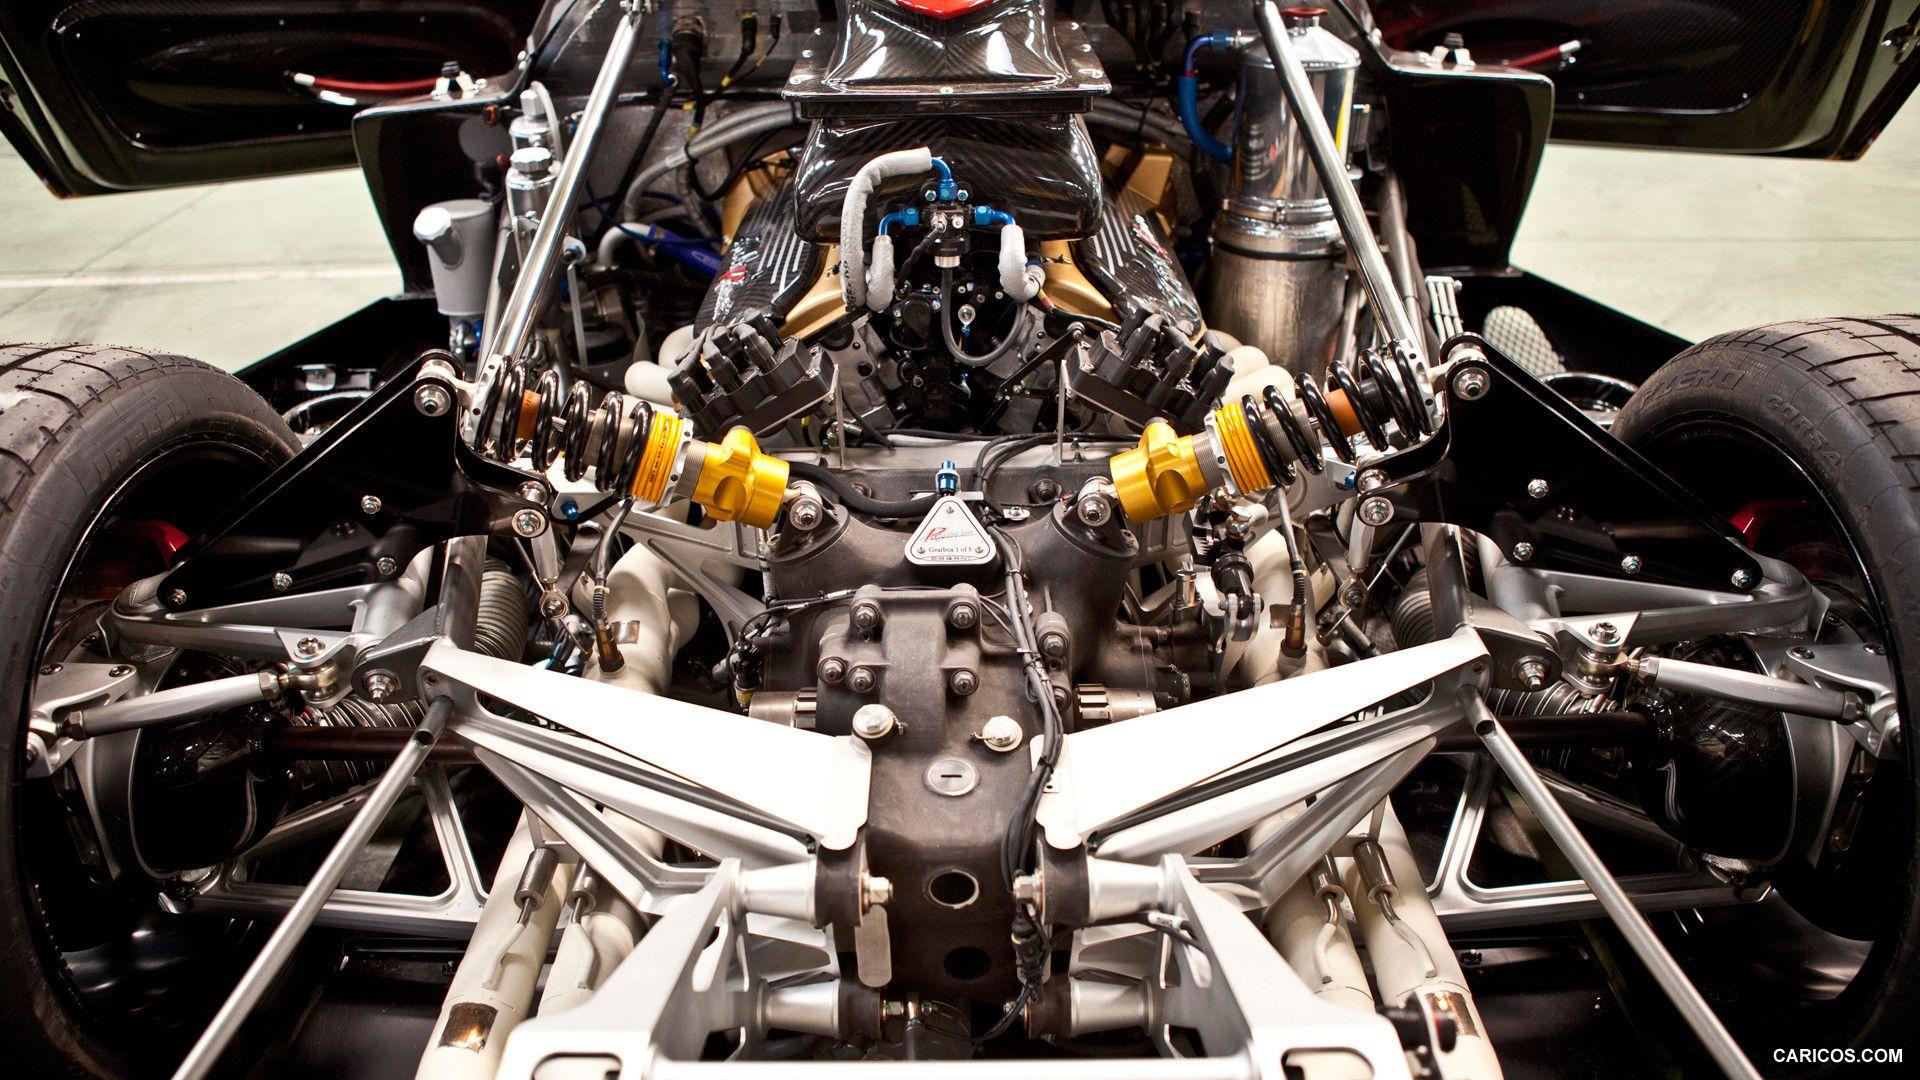 2013 Pagani Zonda Revolucion - Engine, 1920x1080, #25 of 33 ...